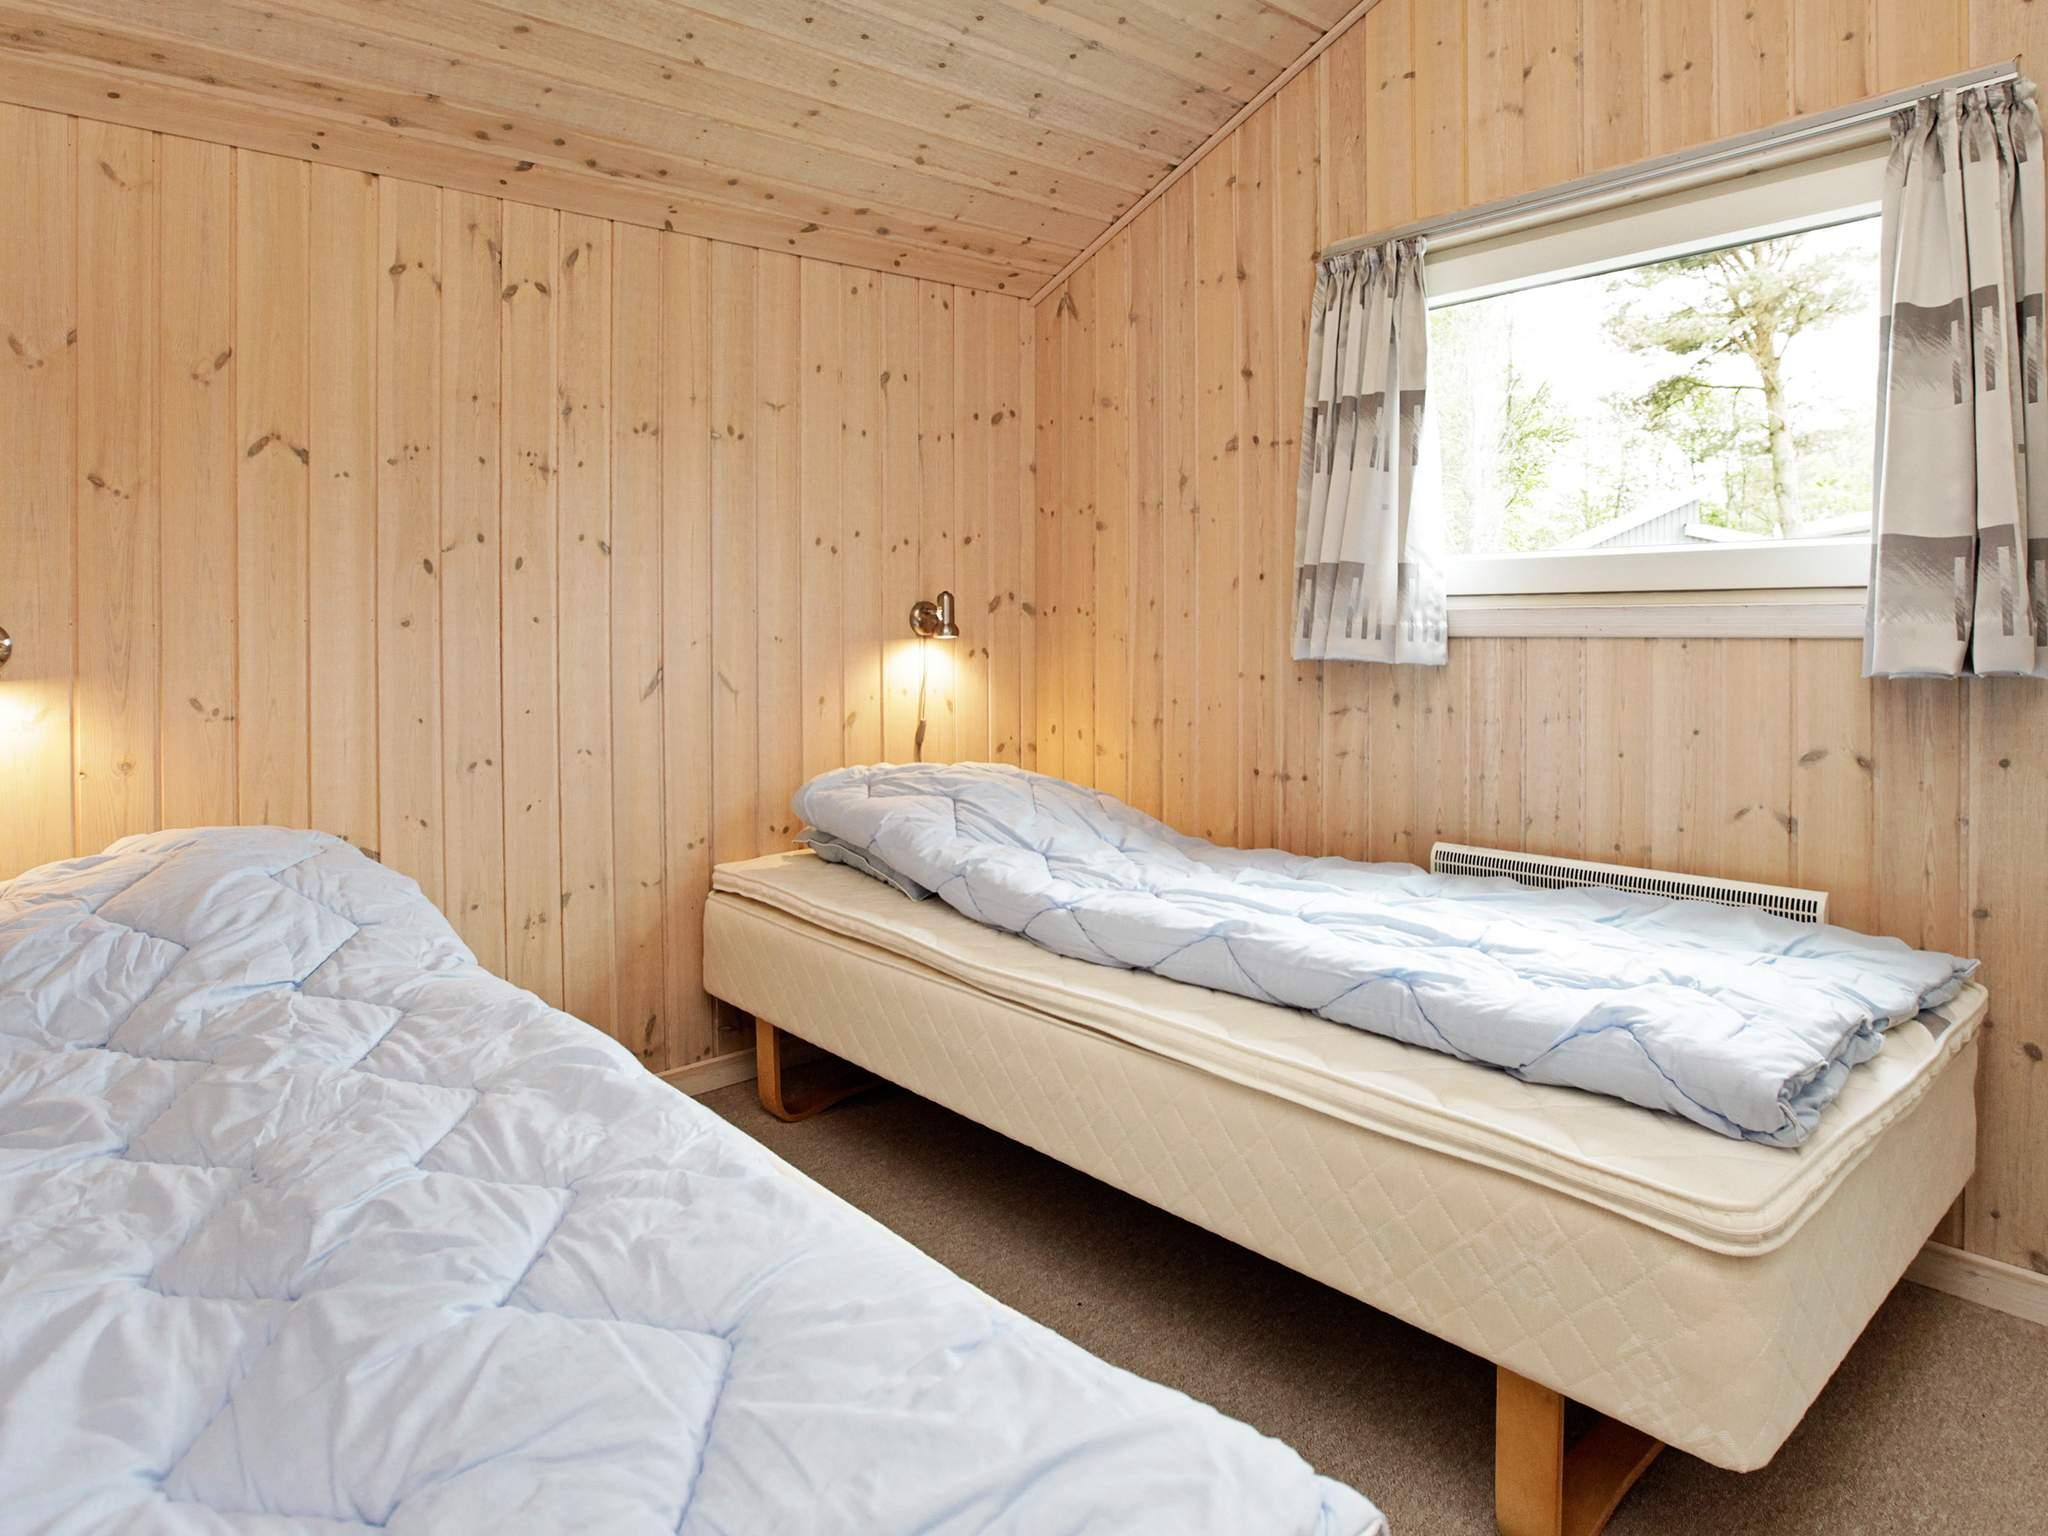 Ferienhaus Jegum (921203), Jegum, , Westjütland, Dänemark, Bild 11